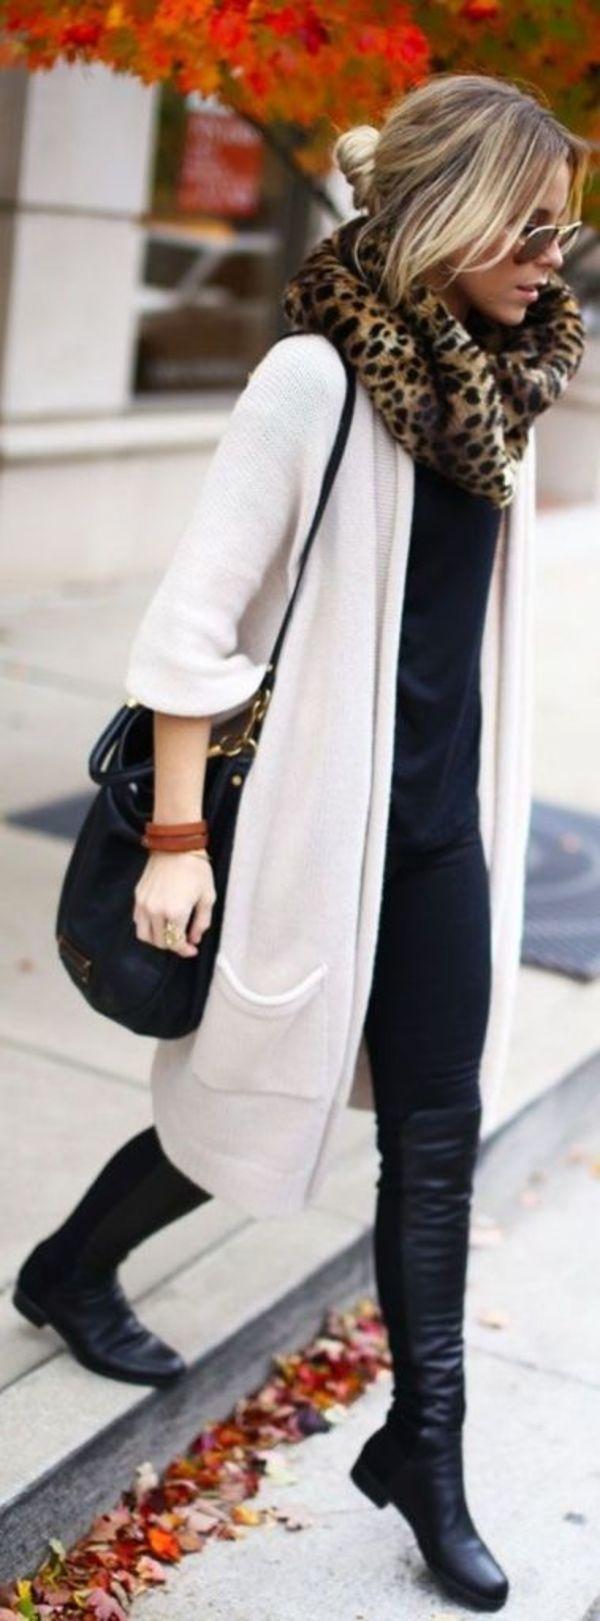 季節の変わり目に何着る?使える「ロングカーディガン」の着こなし術-STYLE HAUS(スタイルハウス)